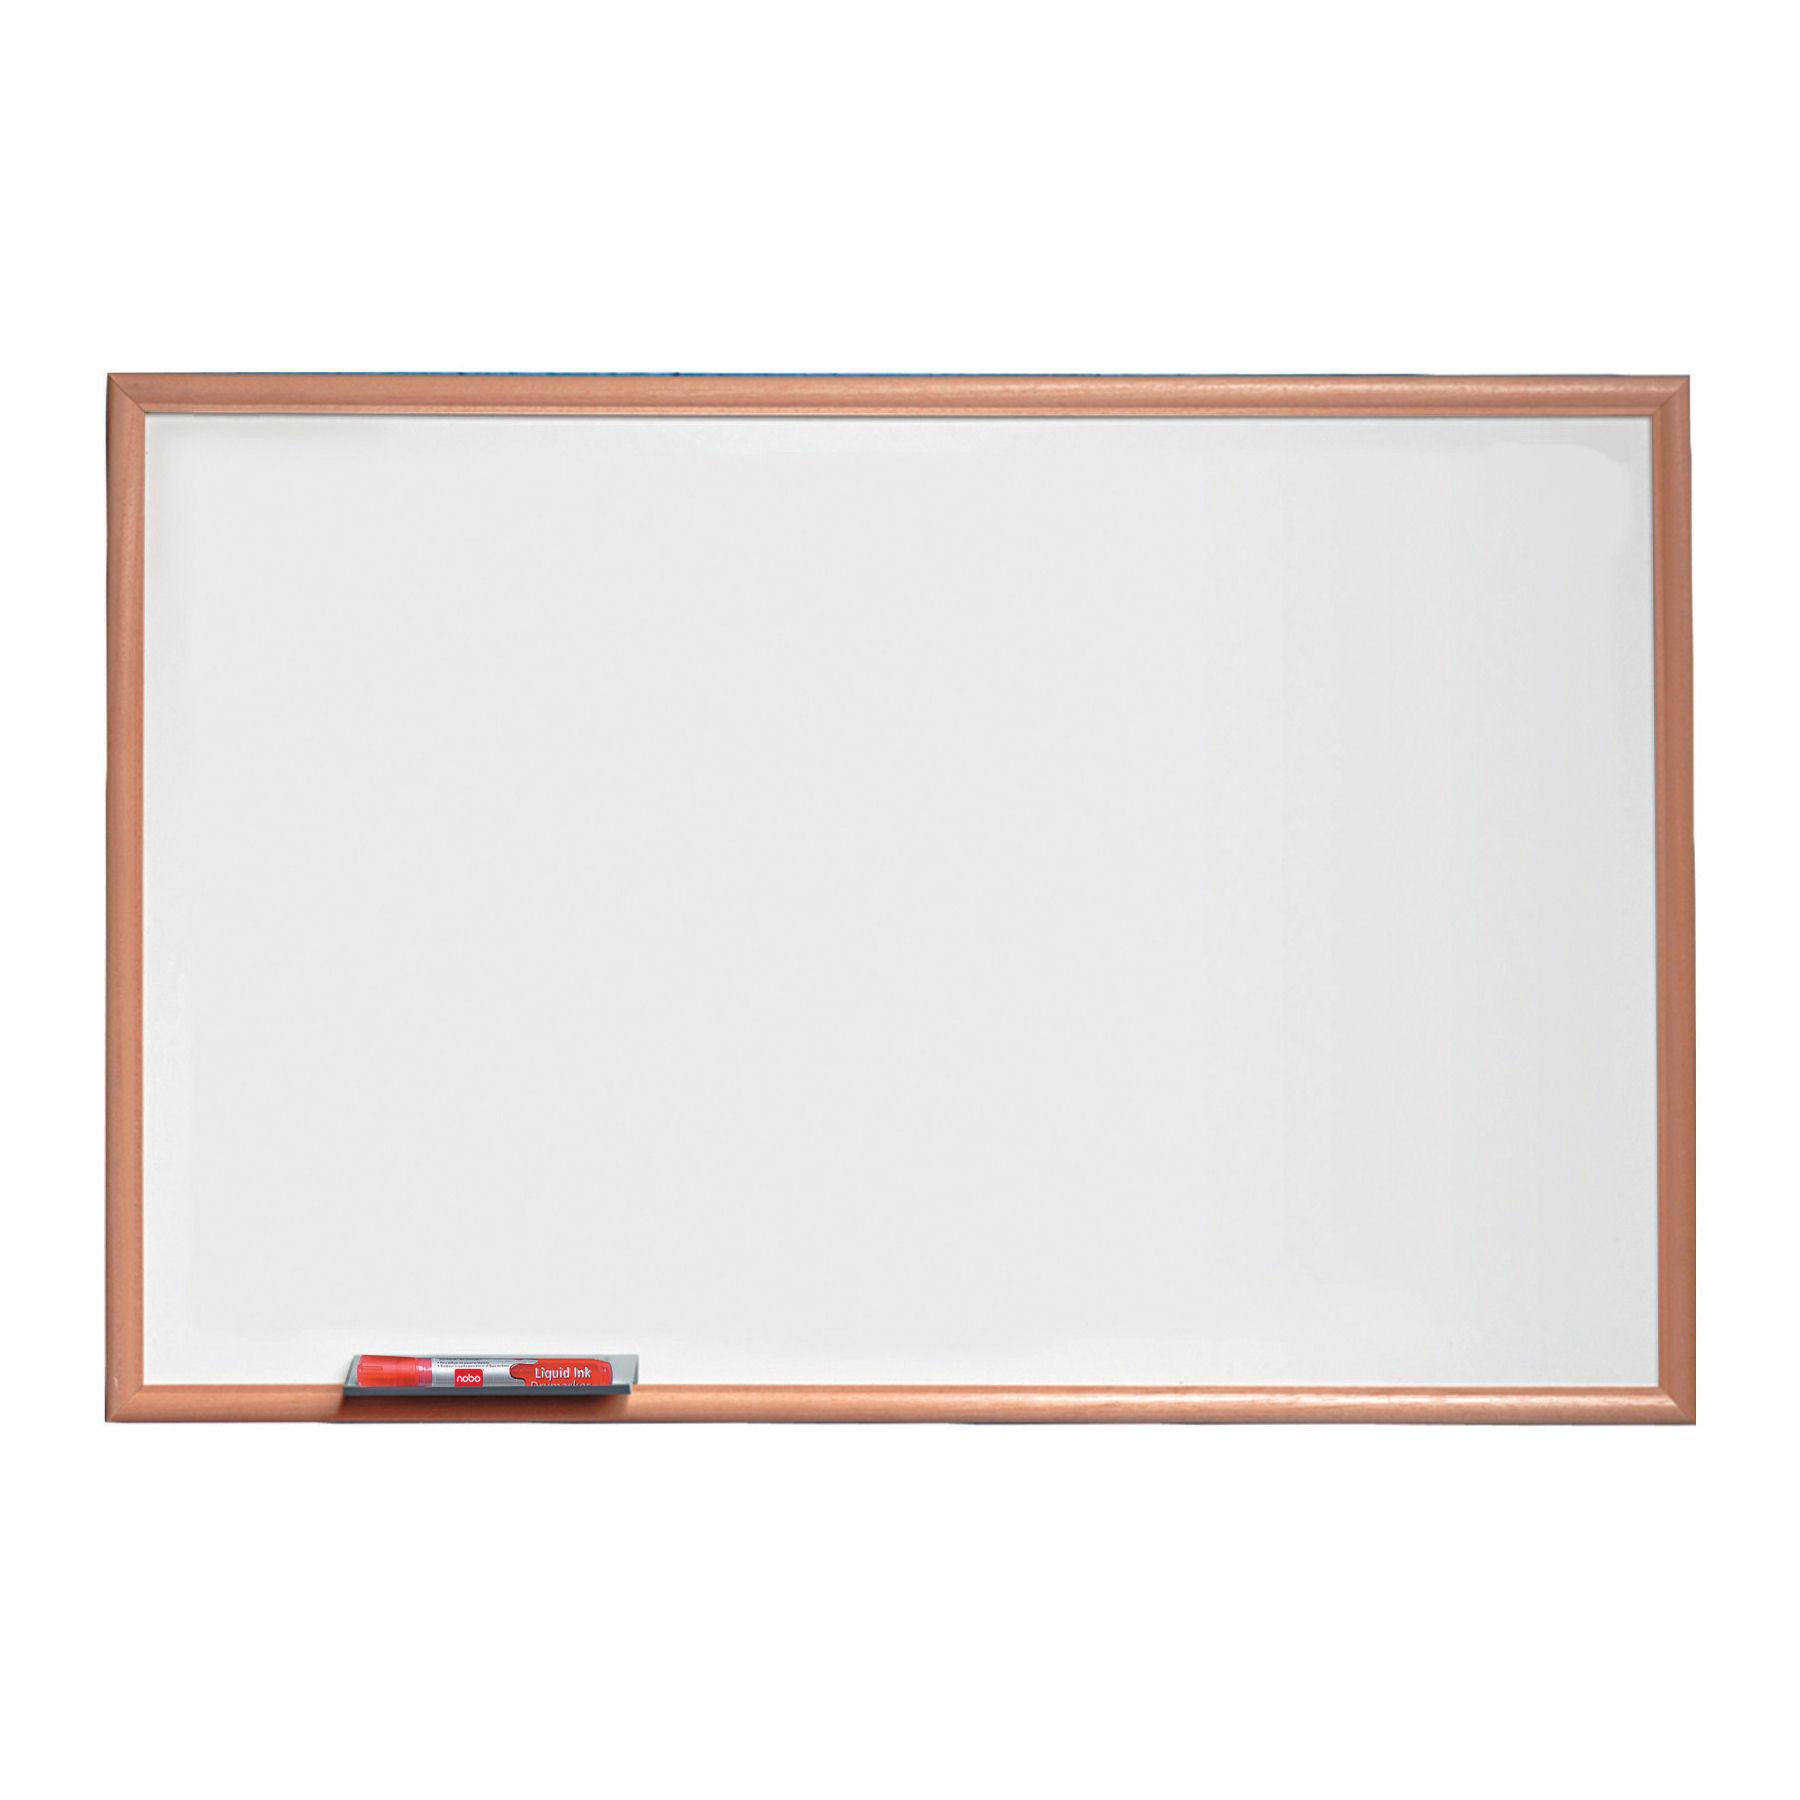 Nobo Basic Melamine Non-Magnetic Whiteboard Pine Frame 900x600mm 1905200